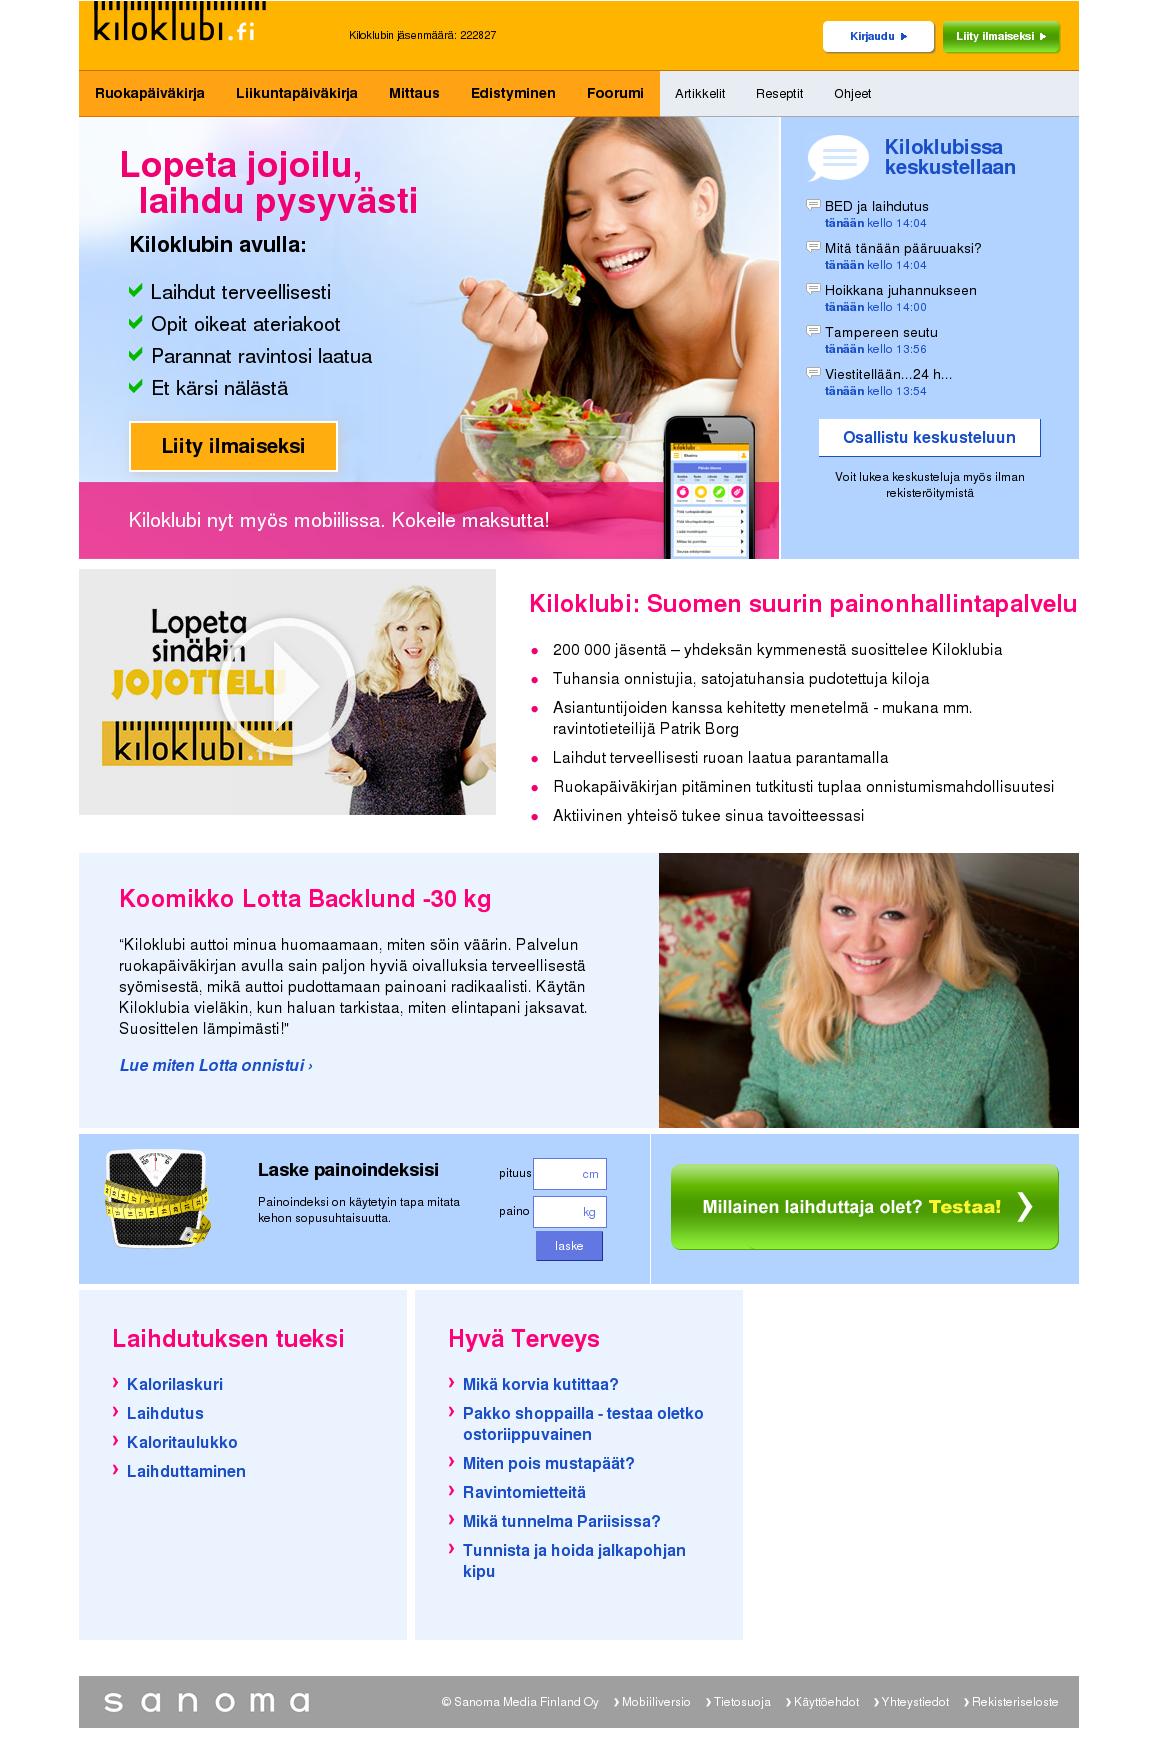 Ilmainen online dating sites ilmainen Sähkö posti